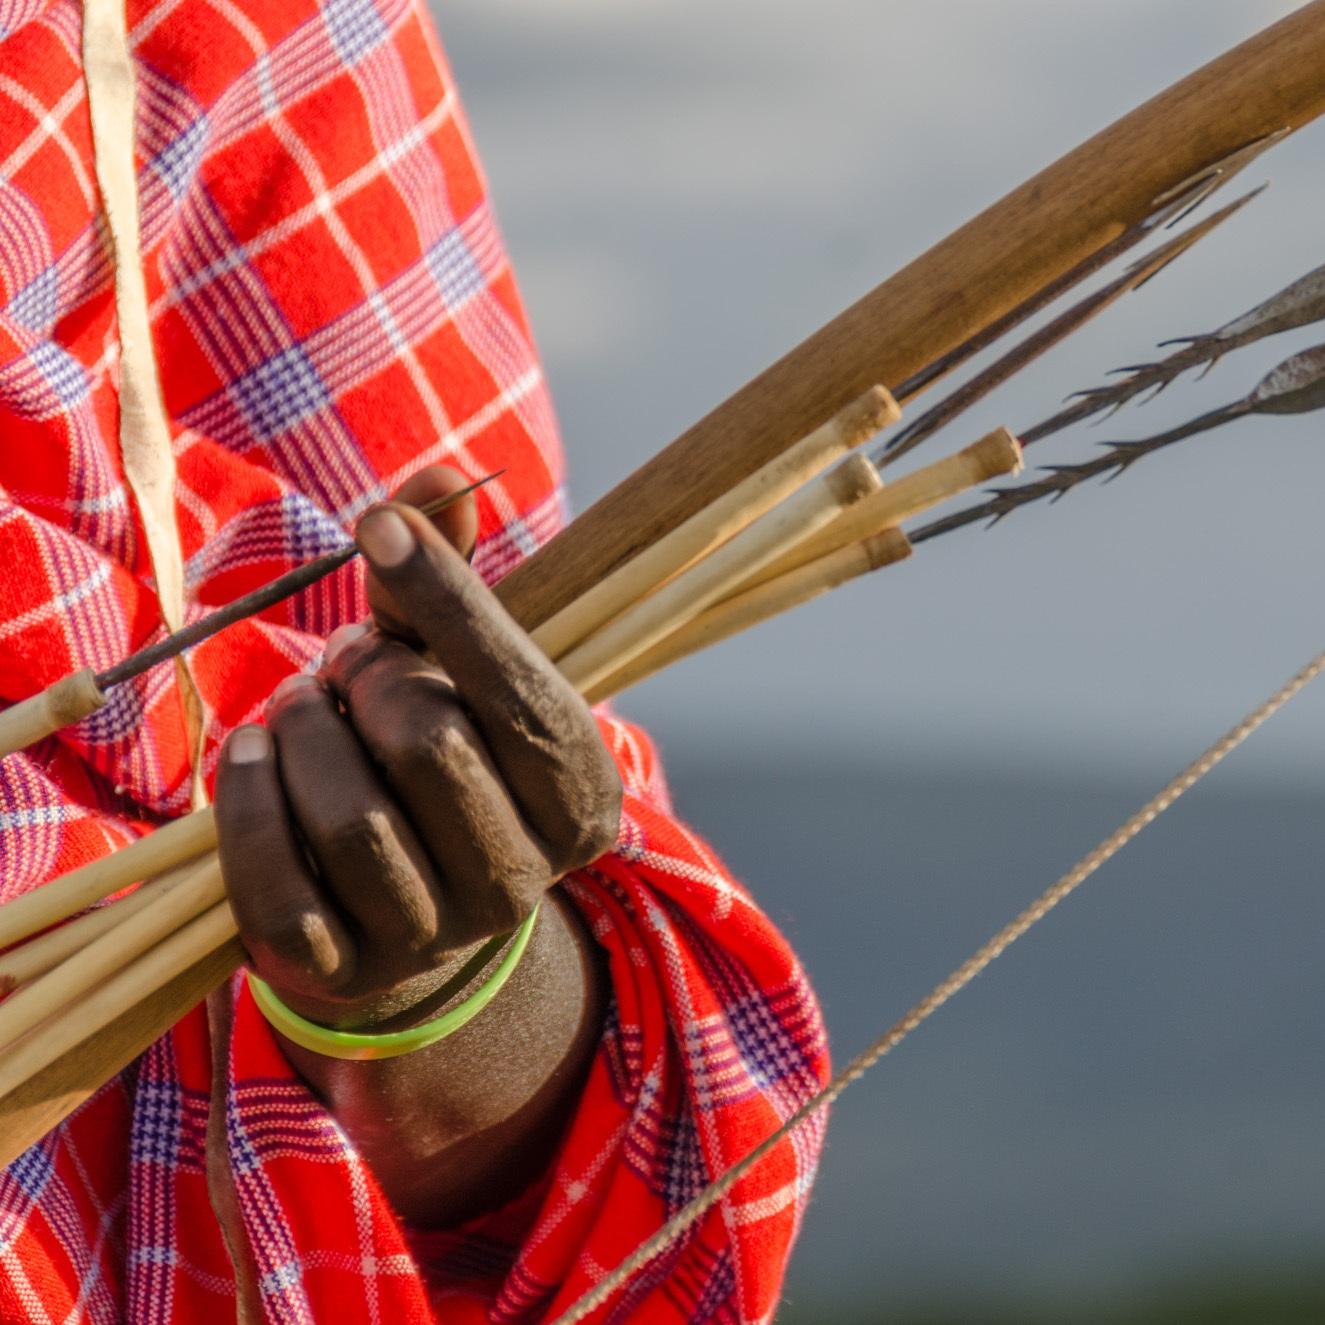 maasai-waepons-bogani-we-kenya-2013-10-13.jpg